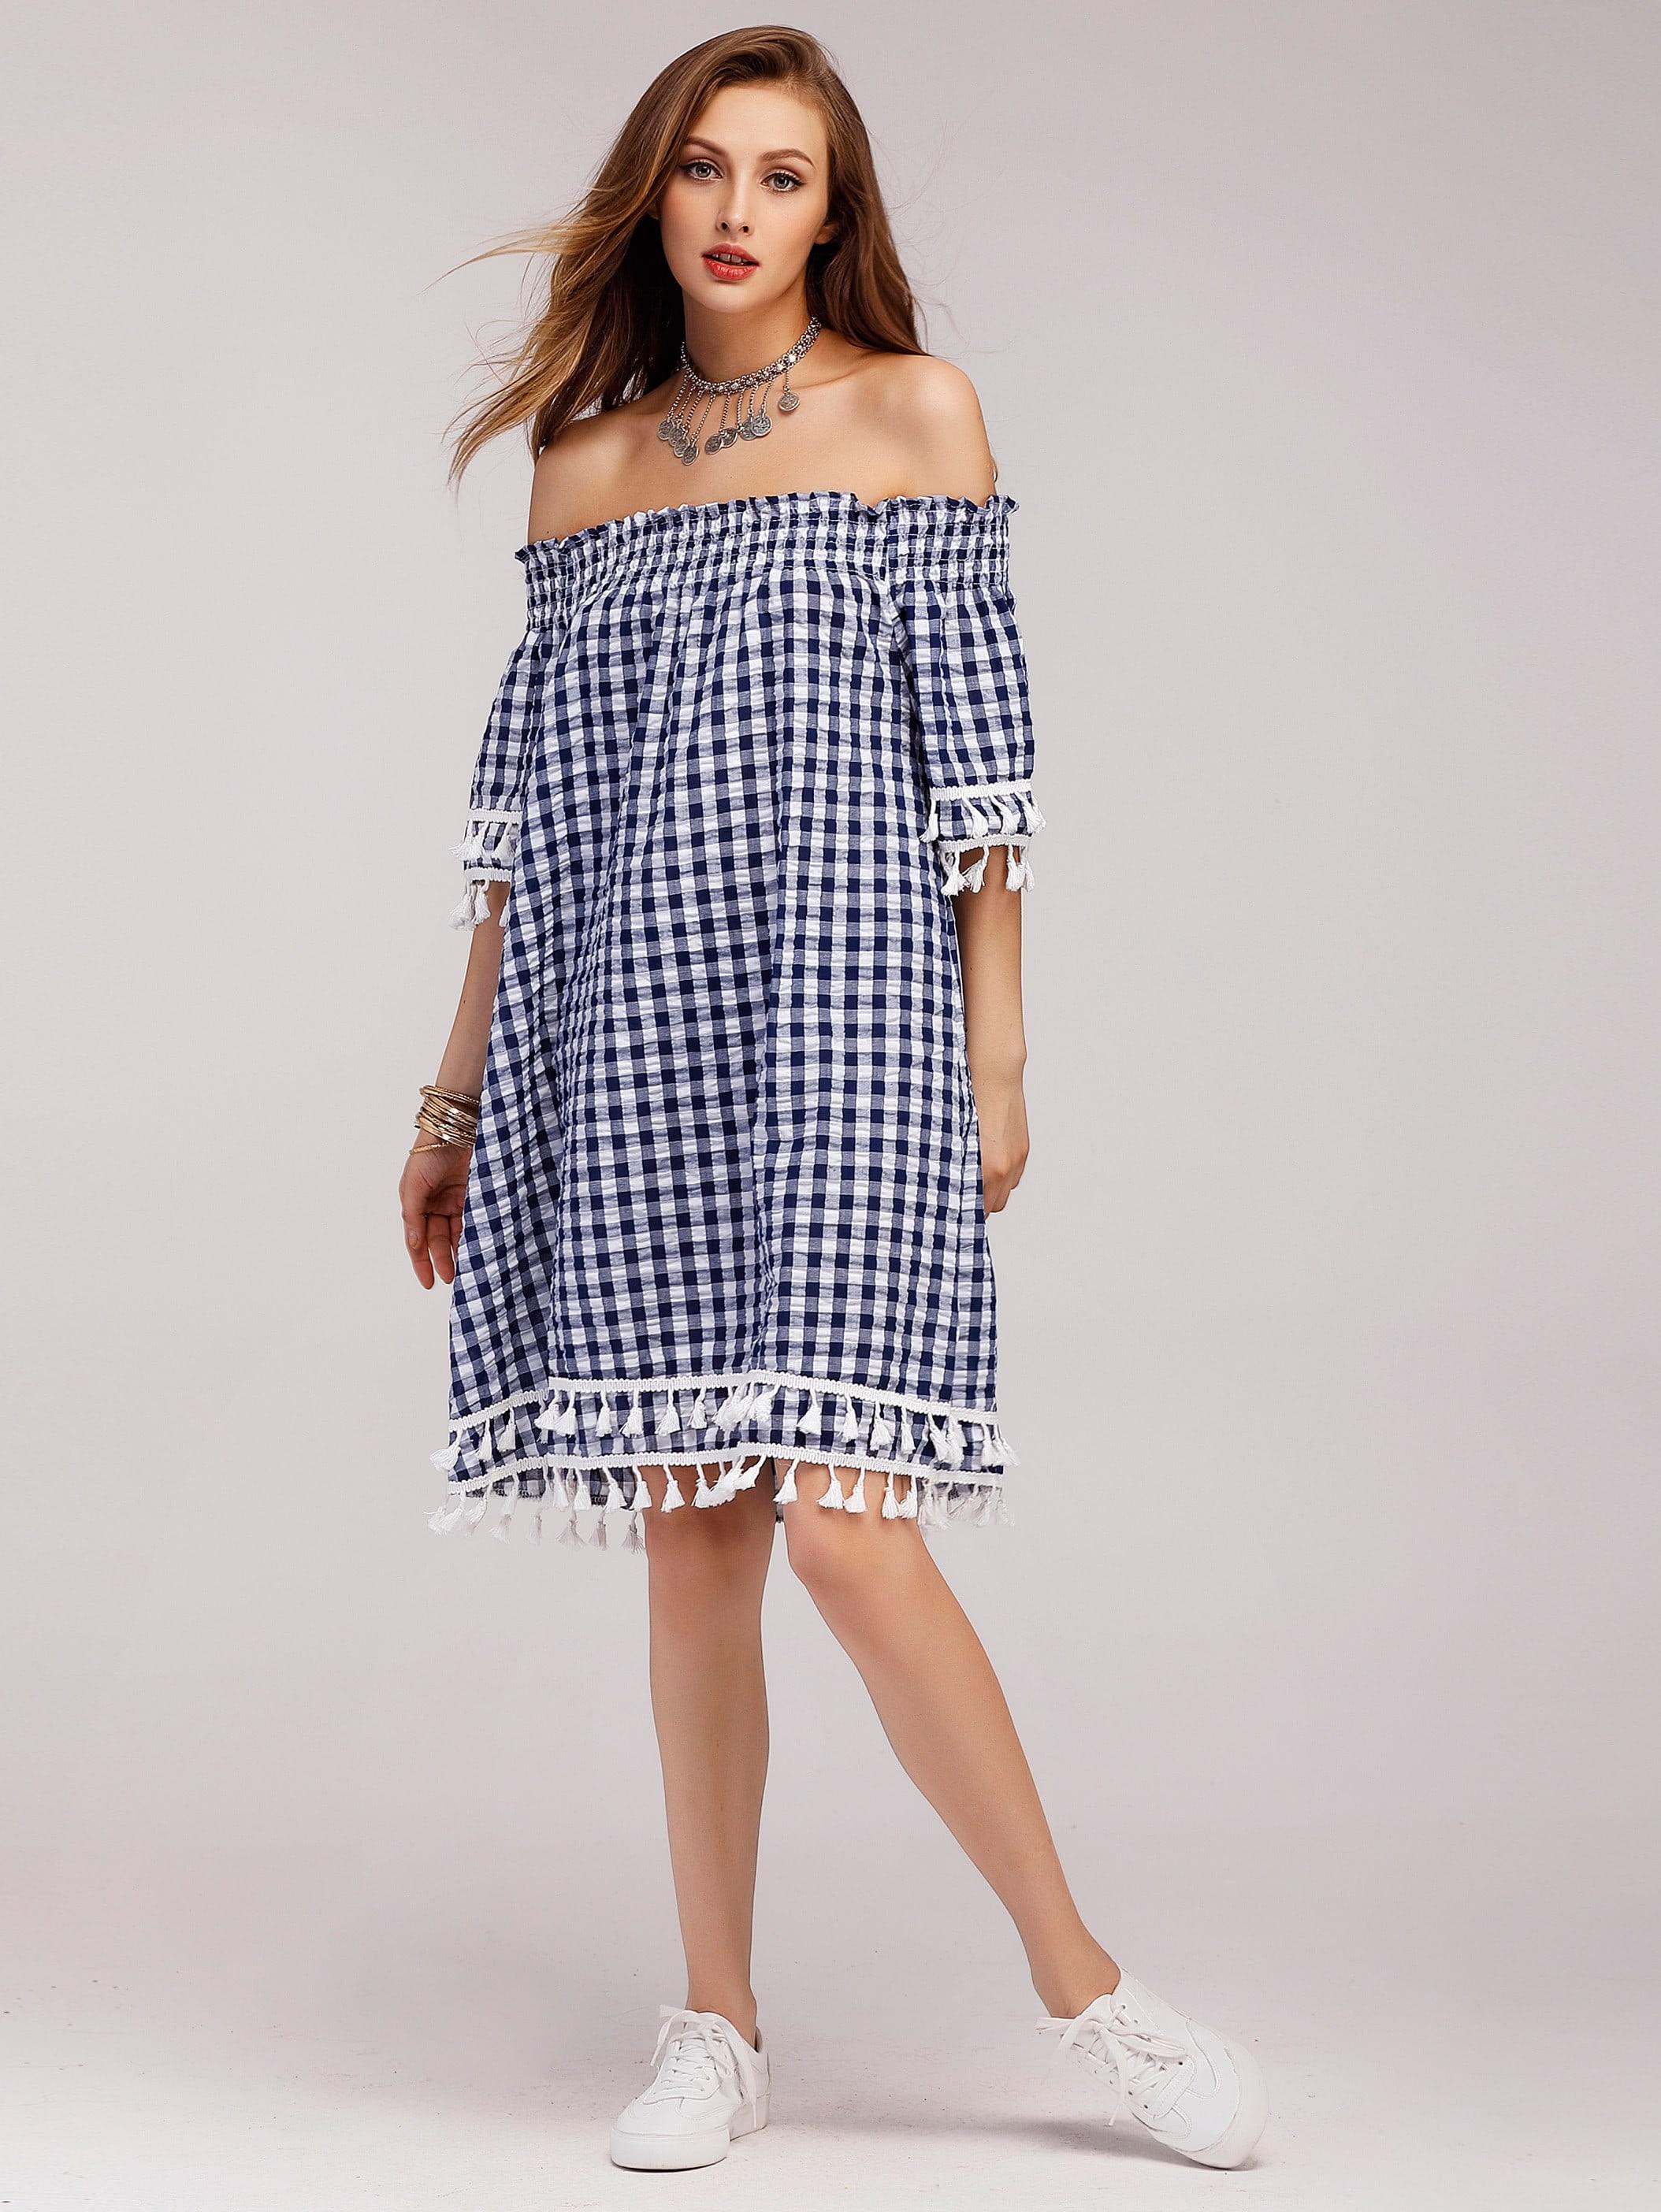 Gingham Off Shoulder Tiered Tassel Trim Dress dress170622103